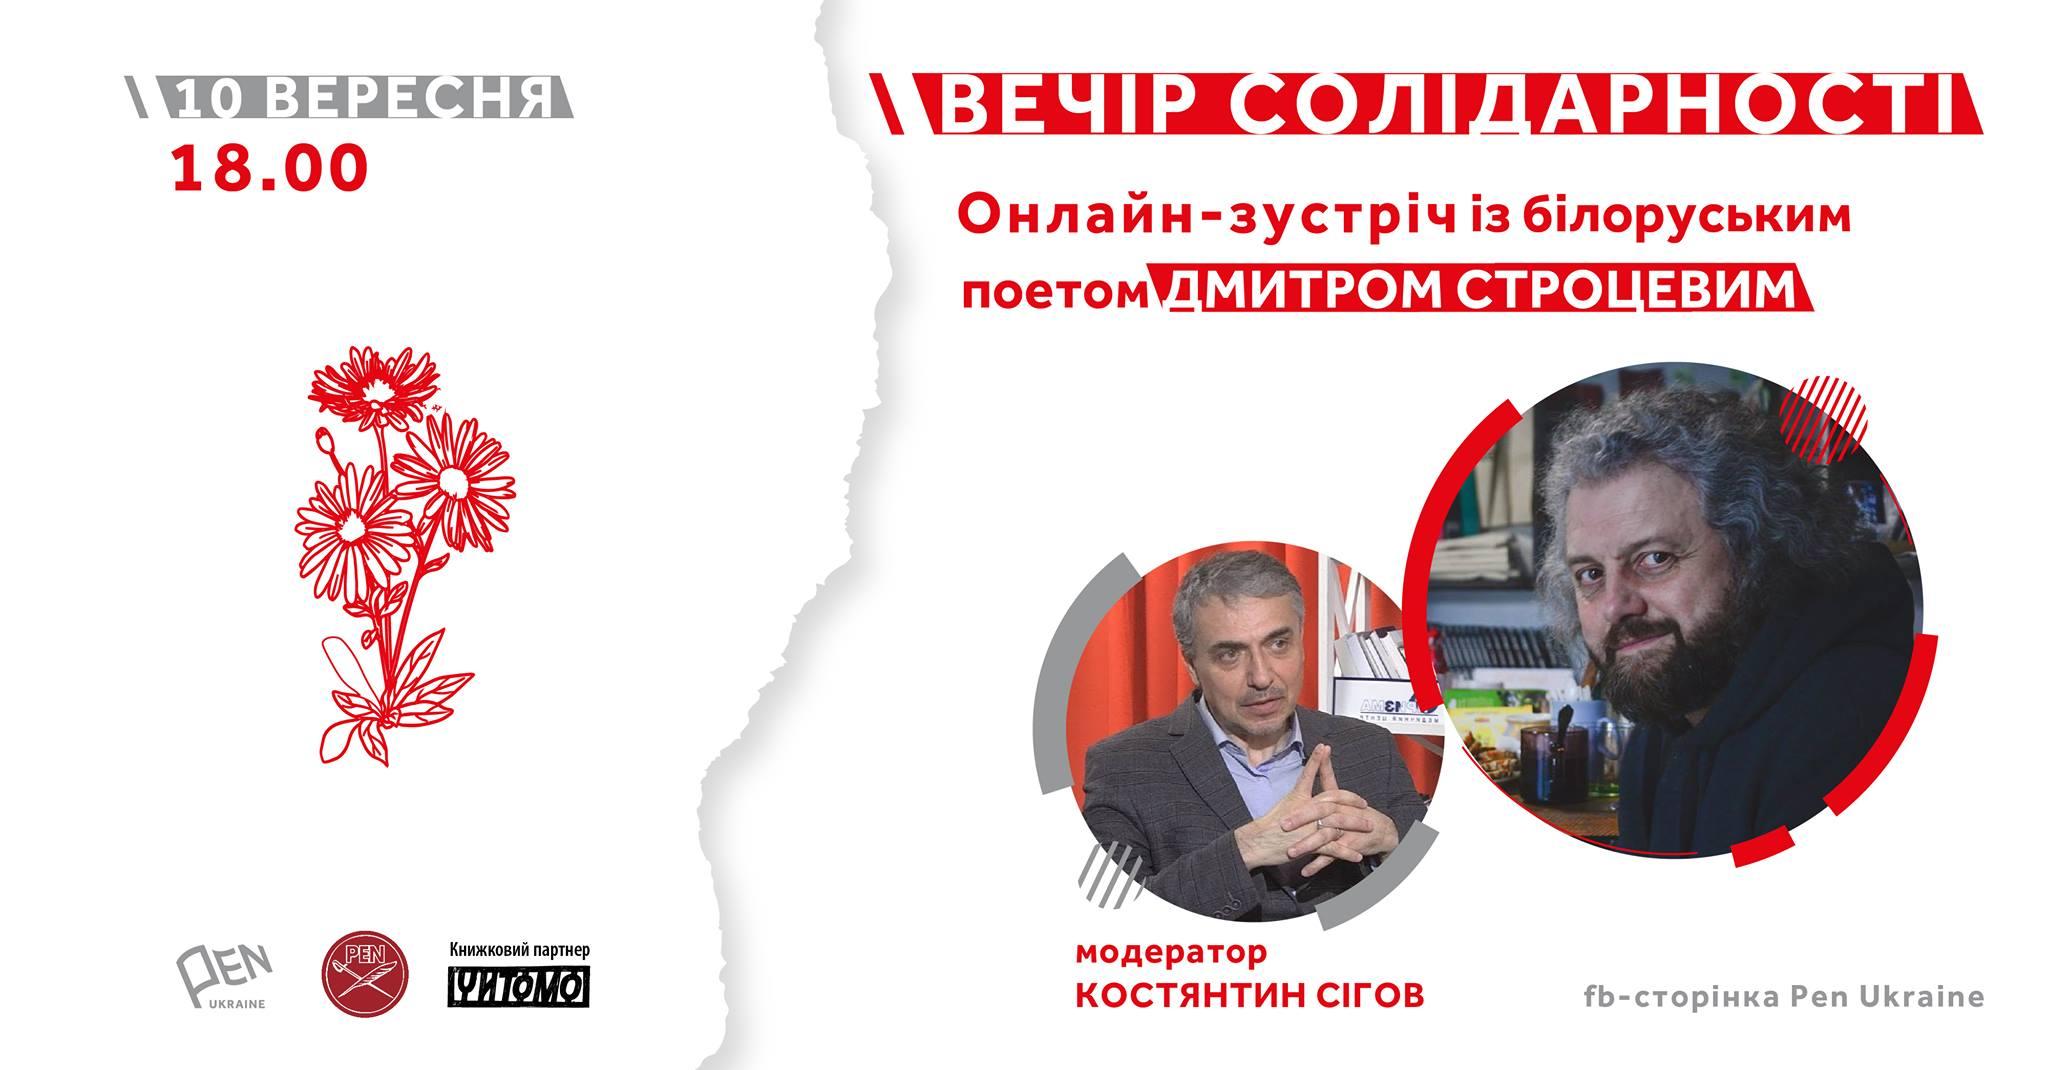 Дмитро Строцев